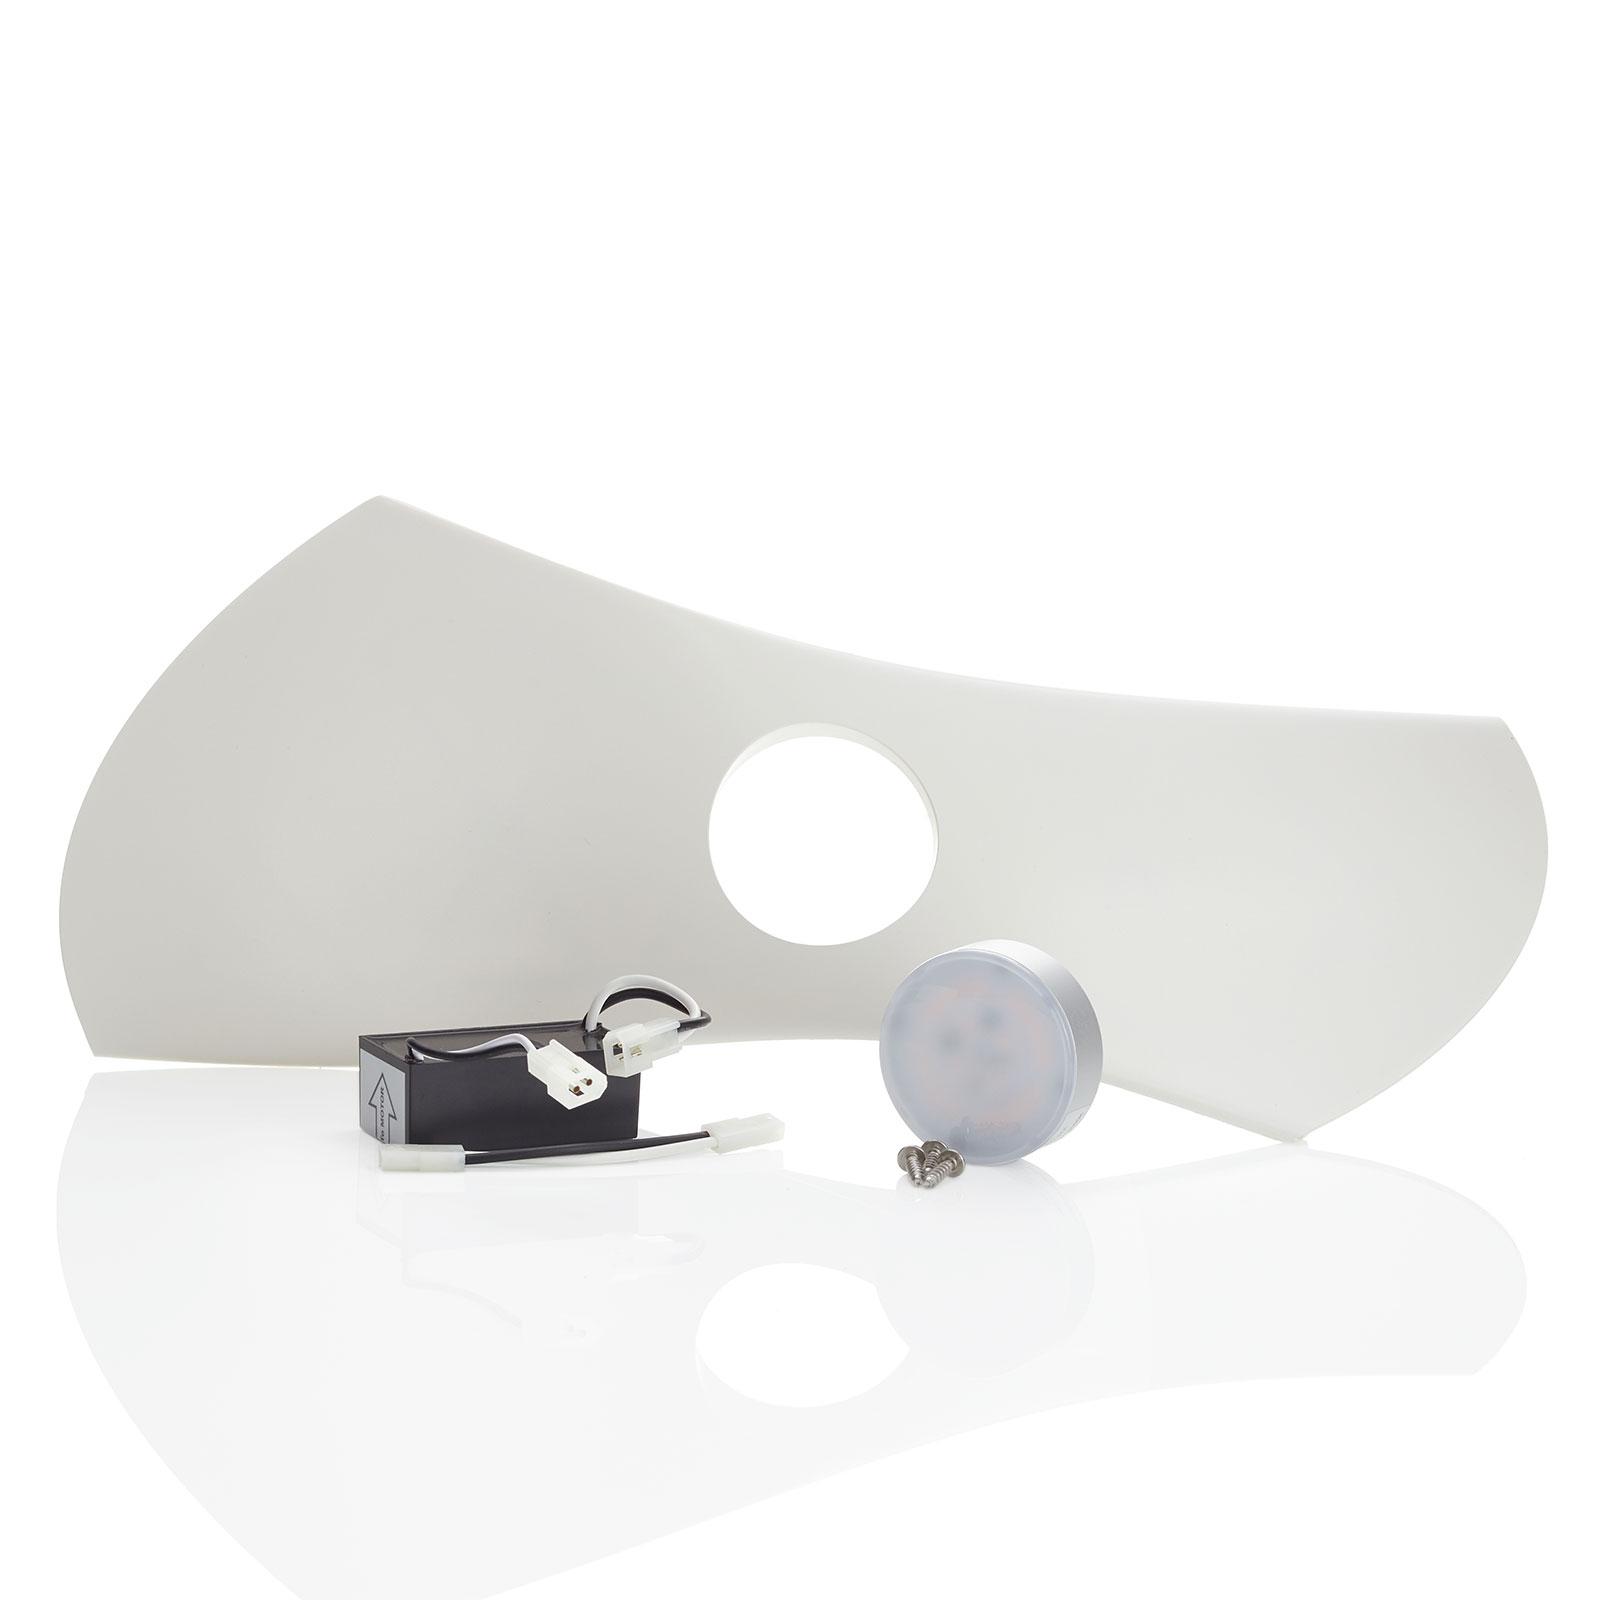 Aeratron LED-Licht-Set für Ventilator AE2+, weiß